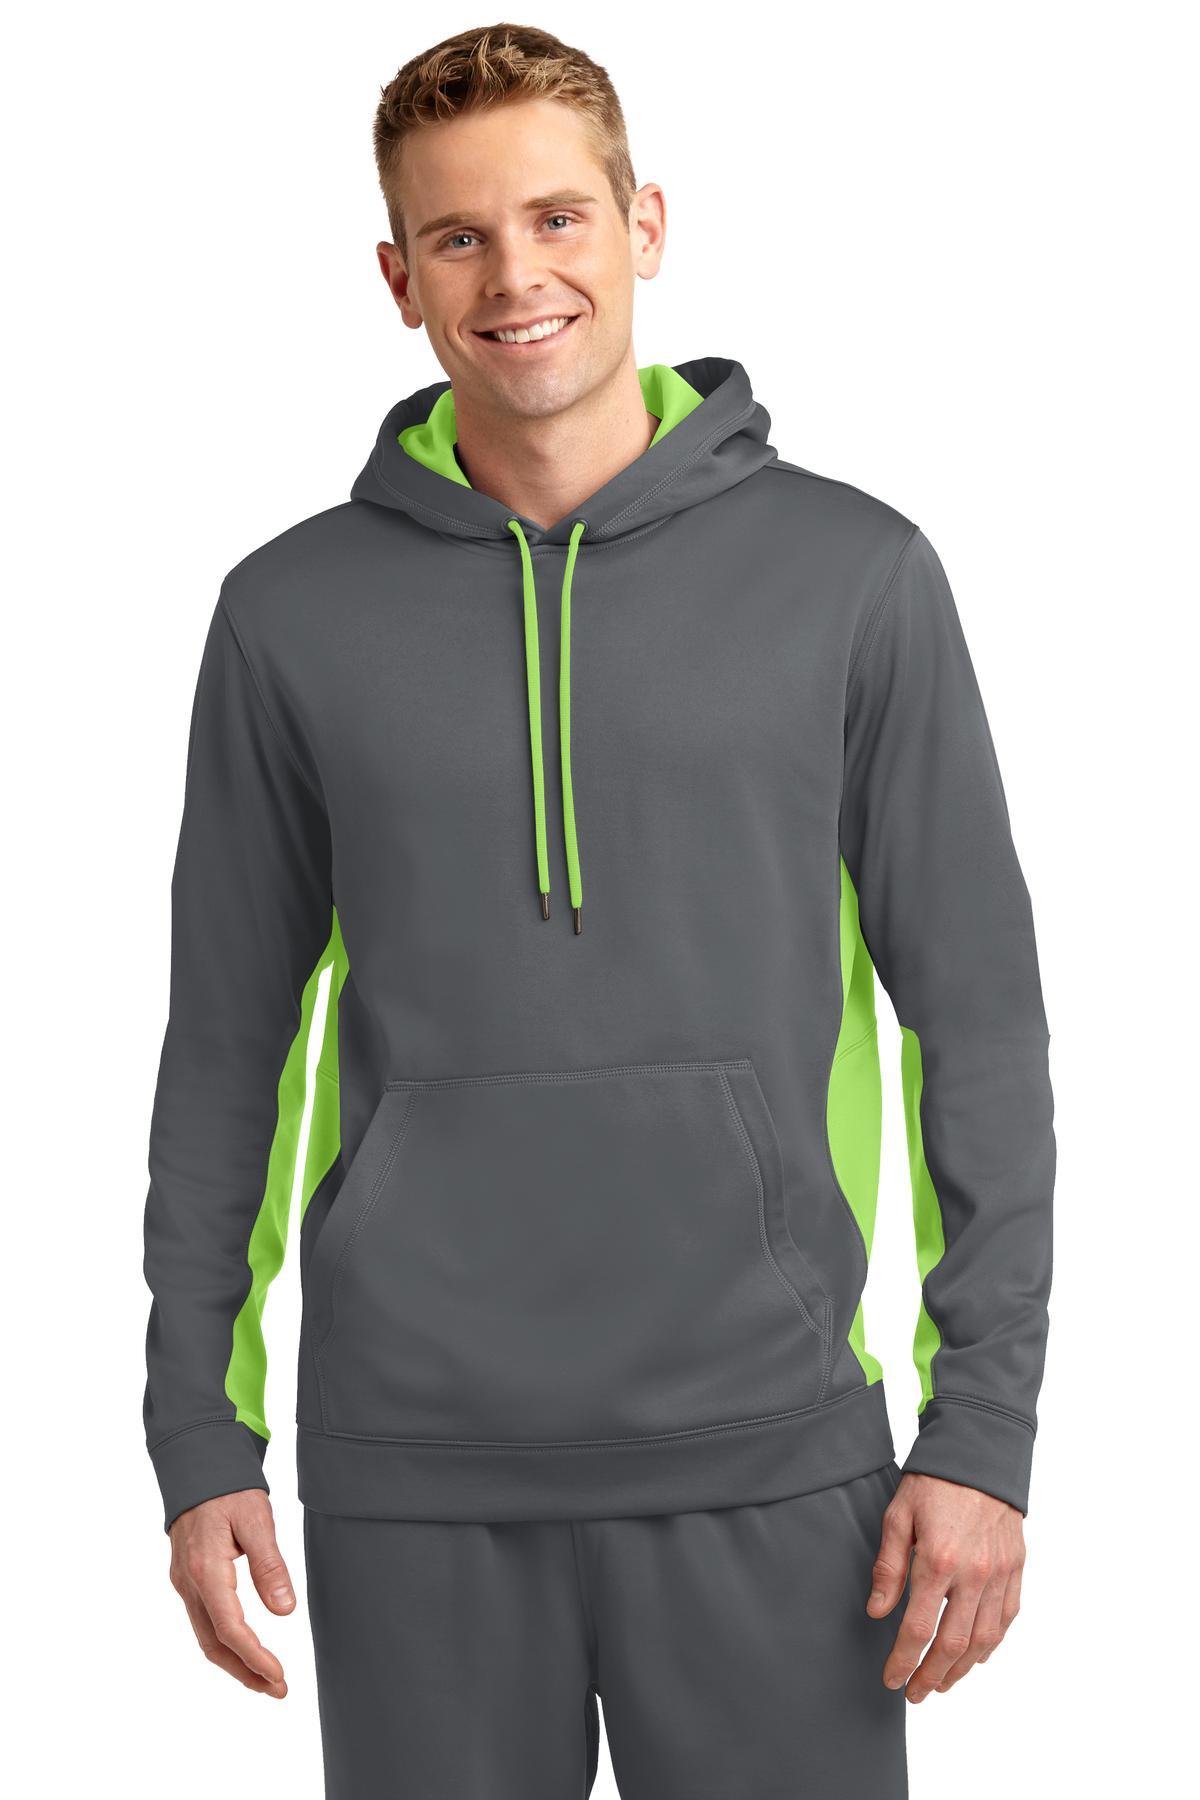 Sweatshirts-Fleece-Hooded-53